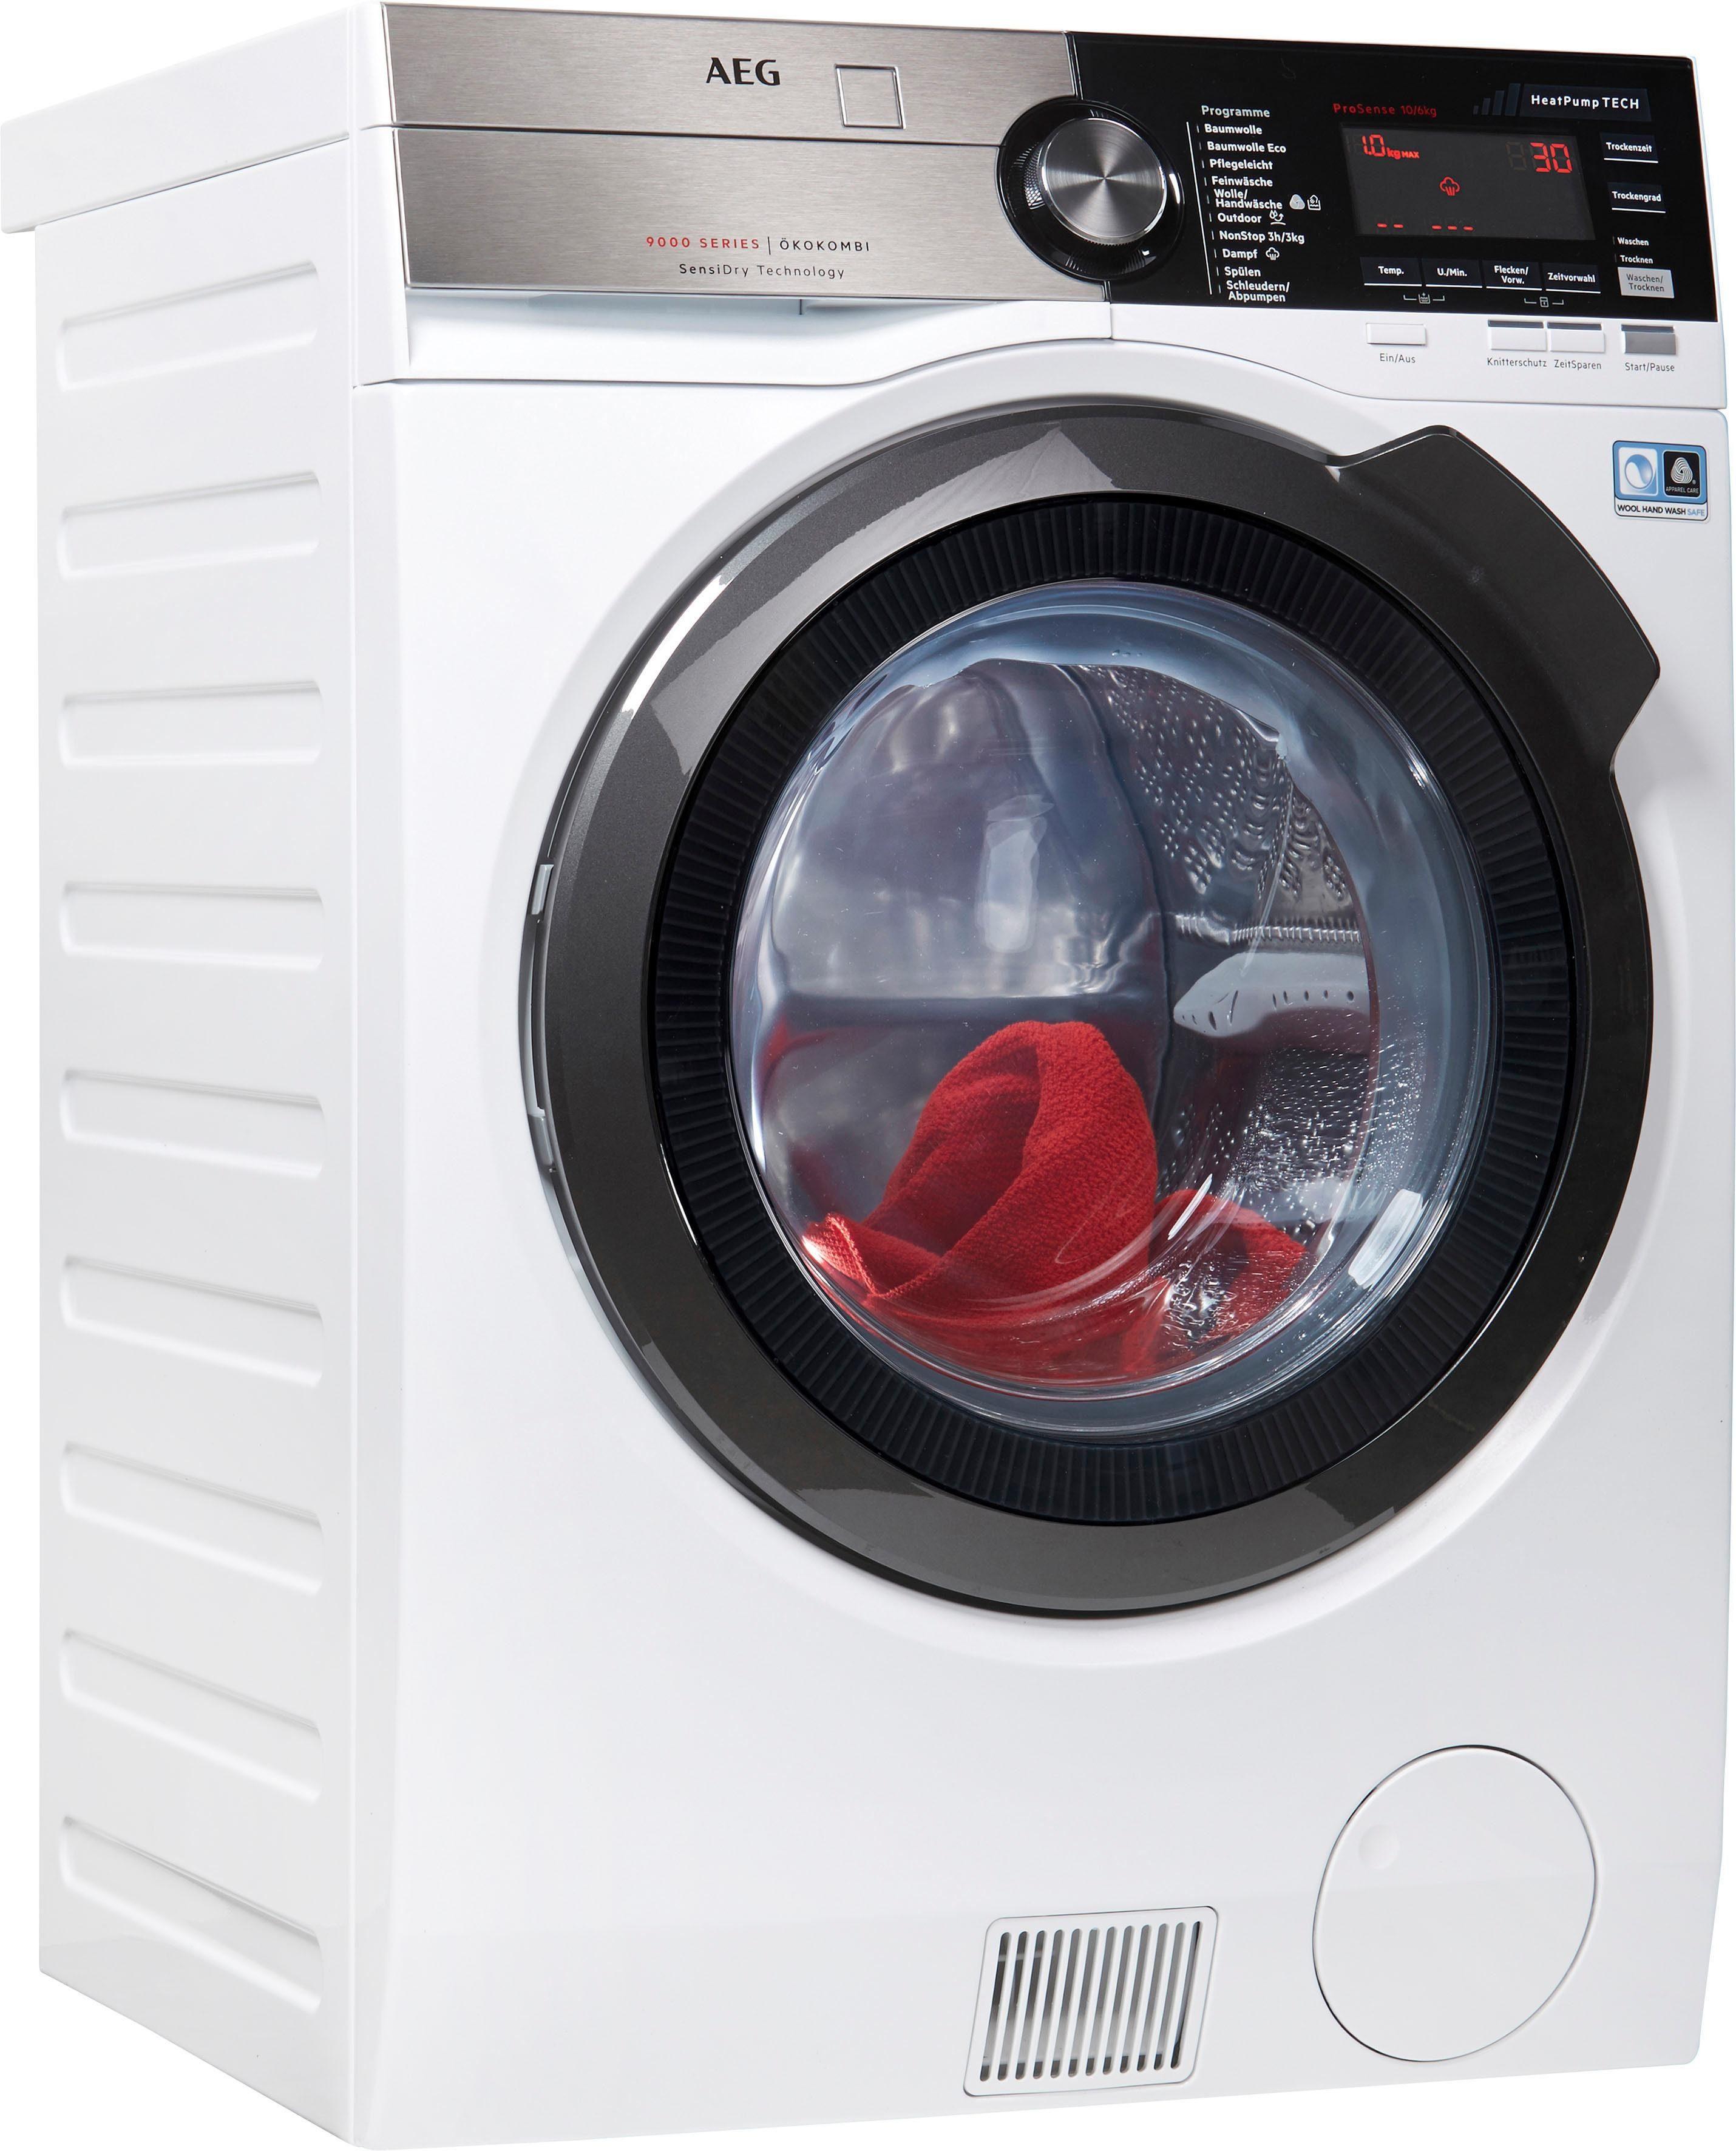 AEG Waschtrockner 9000 L9WE86605, 10 kg / 6 kg, 1600 U/Min